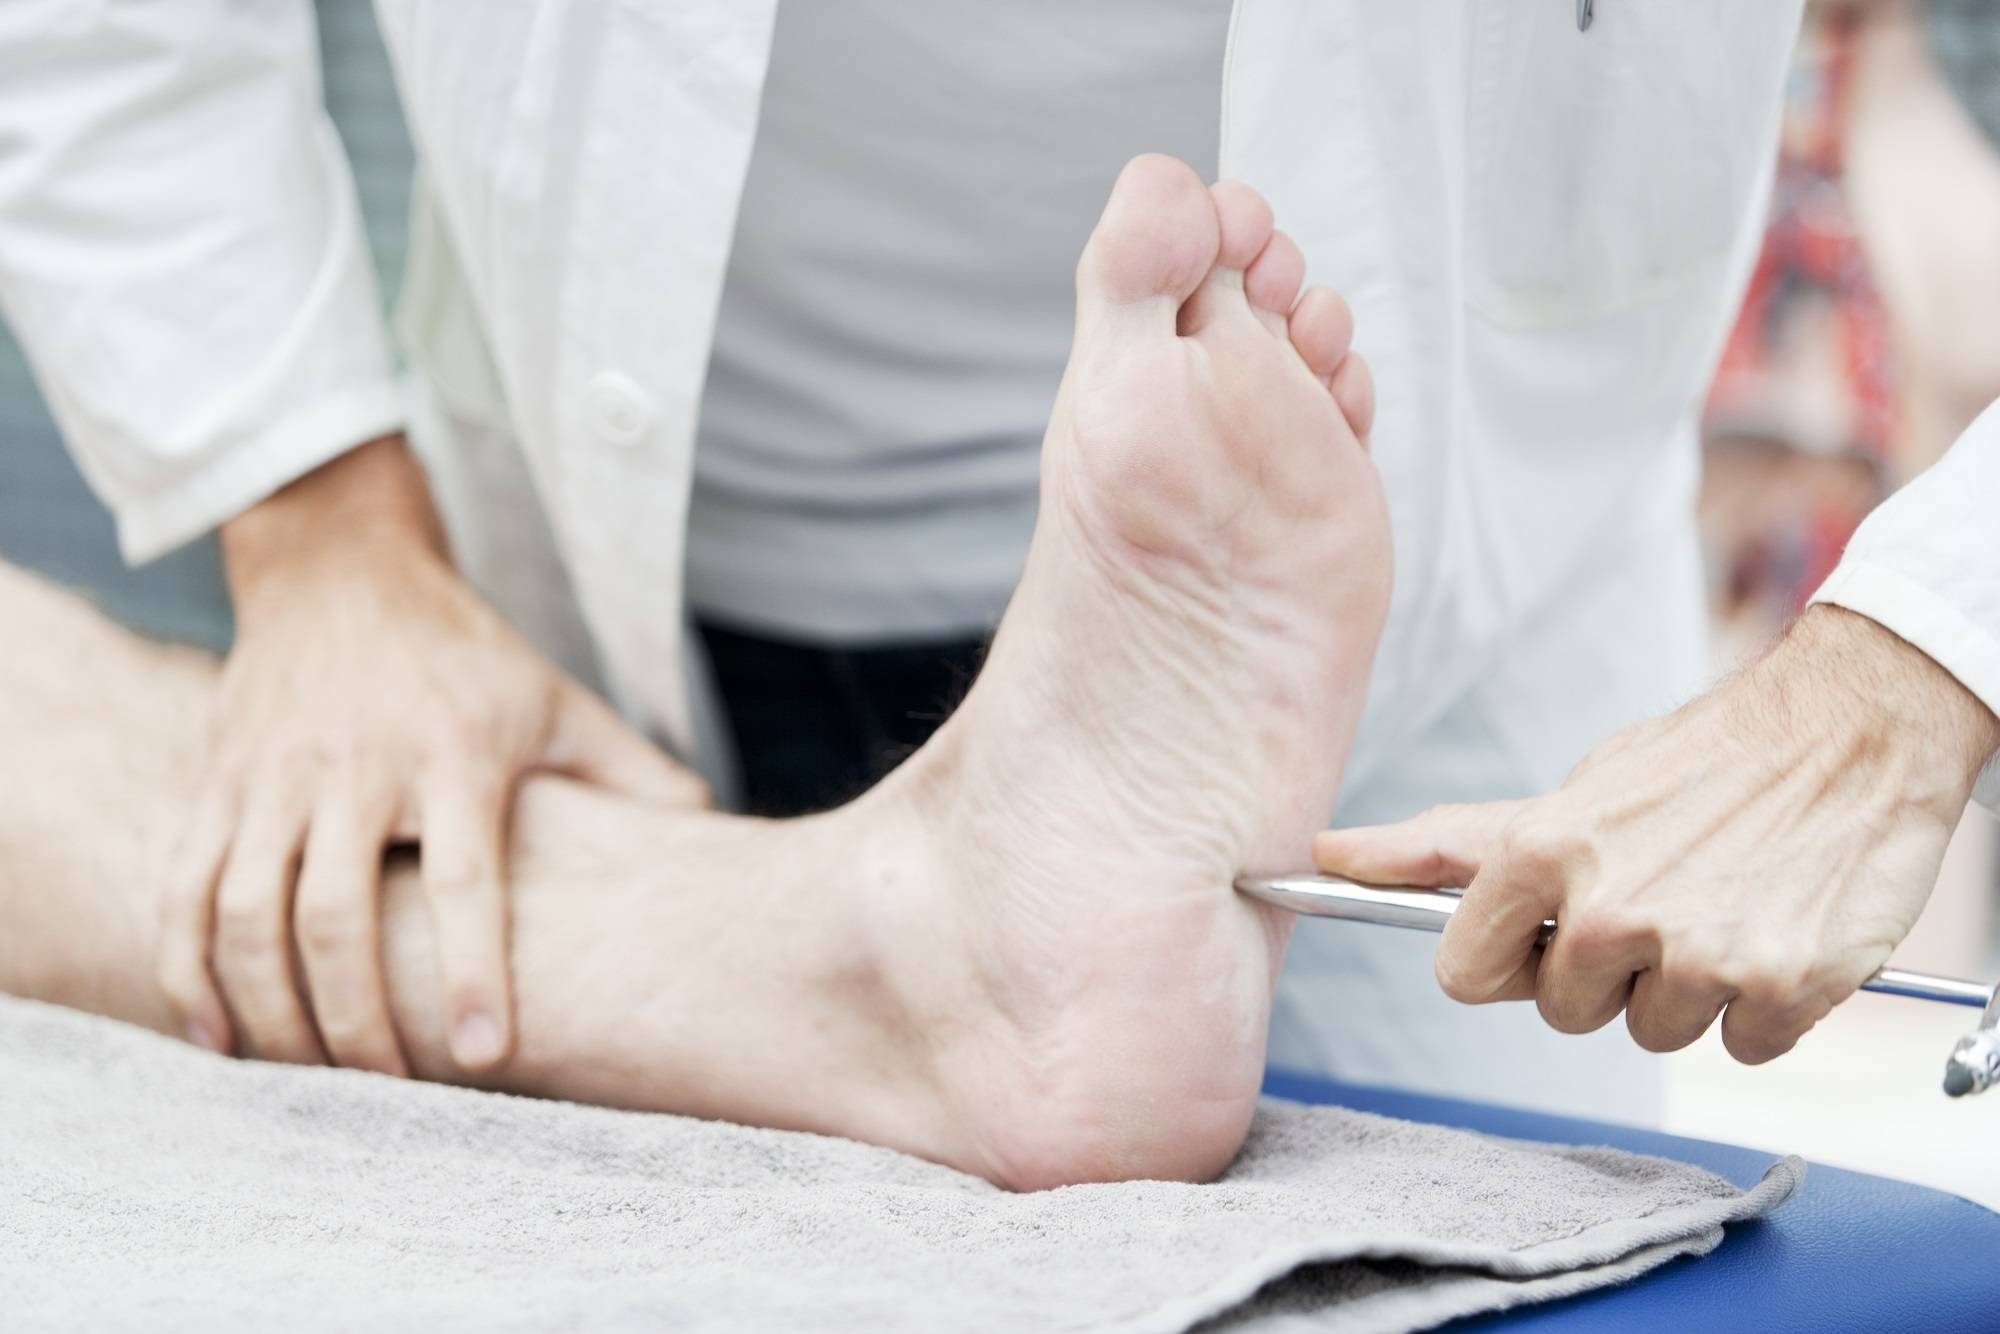 Полинейропатия верхних и нижних конечностей: причины, симптомы и лечение патологии